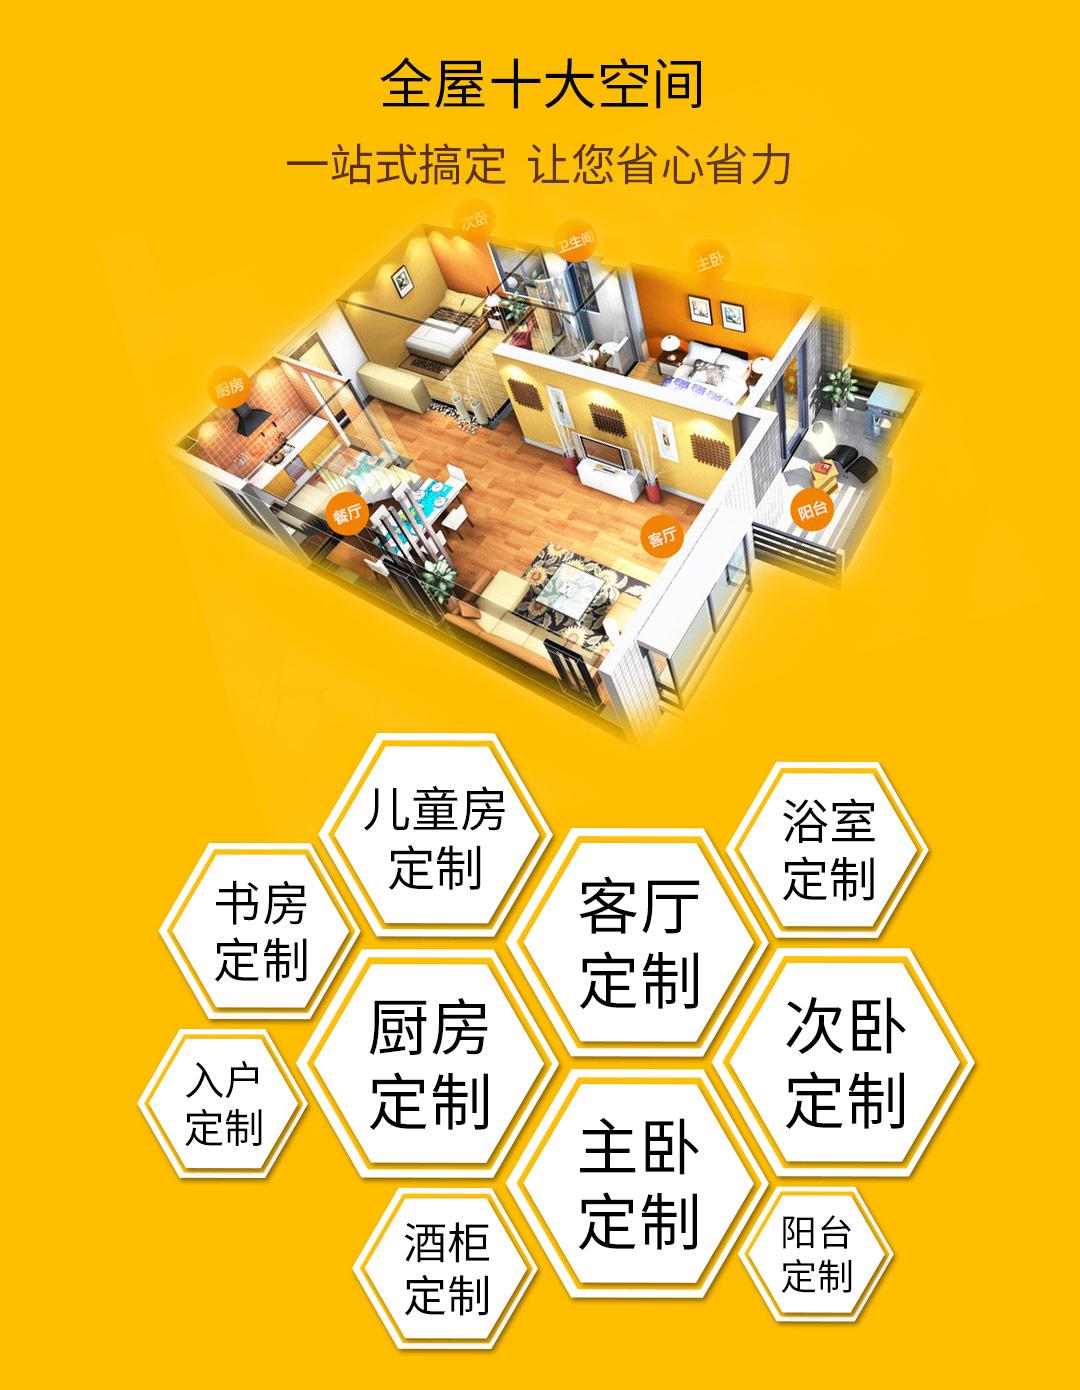 蜂蜜家居--定制页面_03.jpg